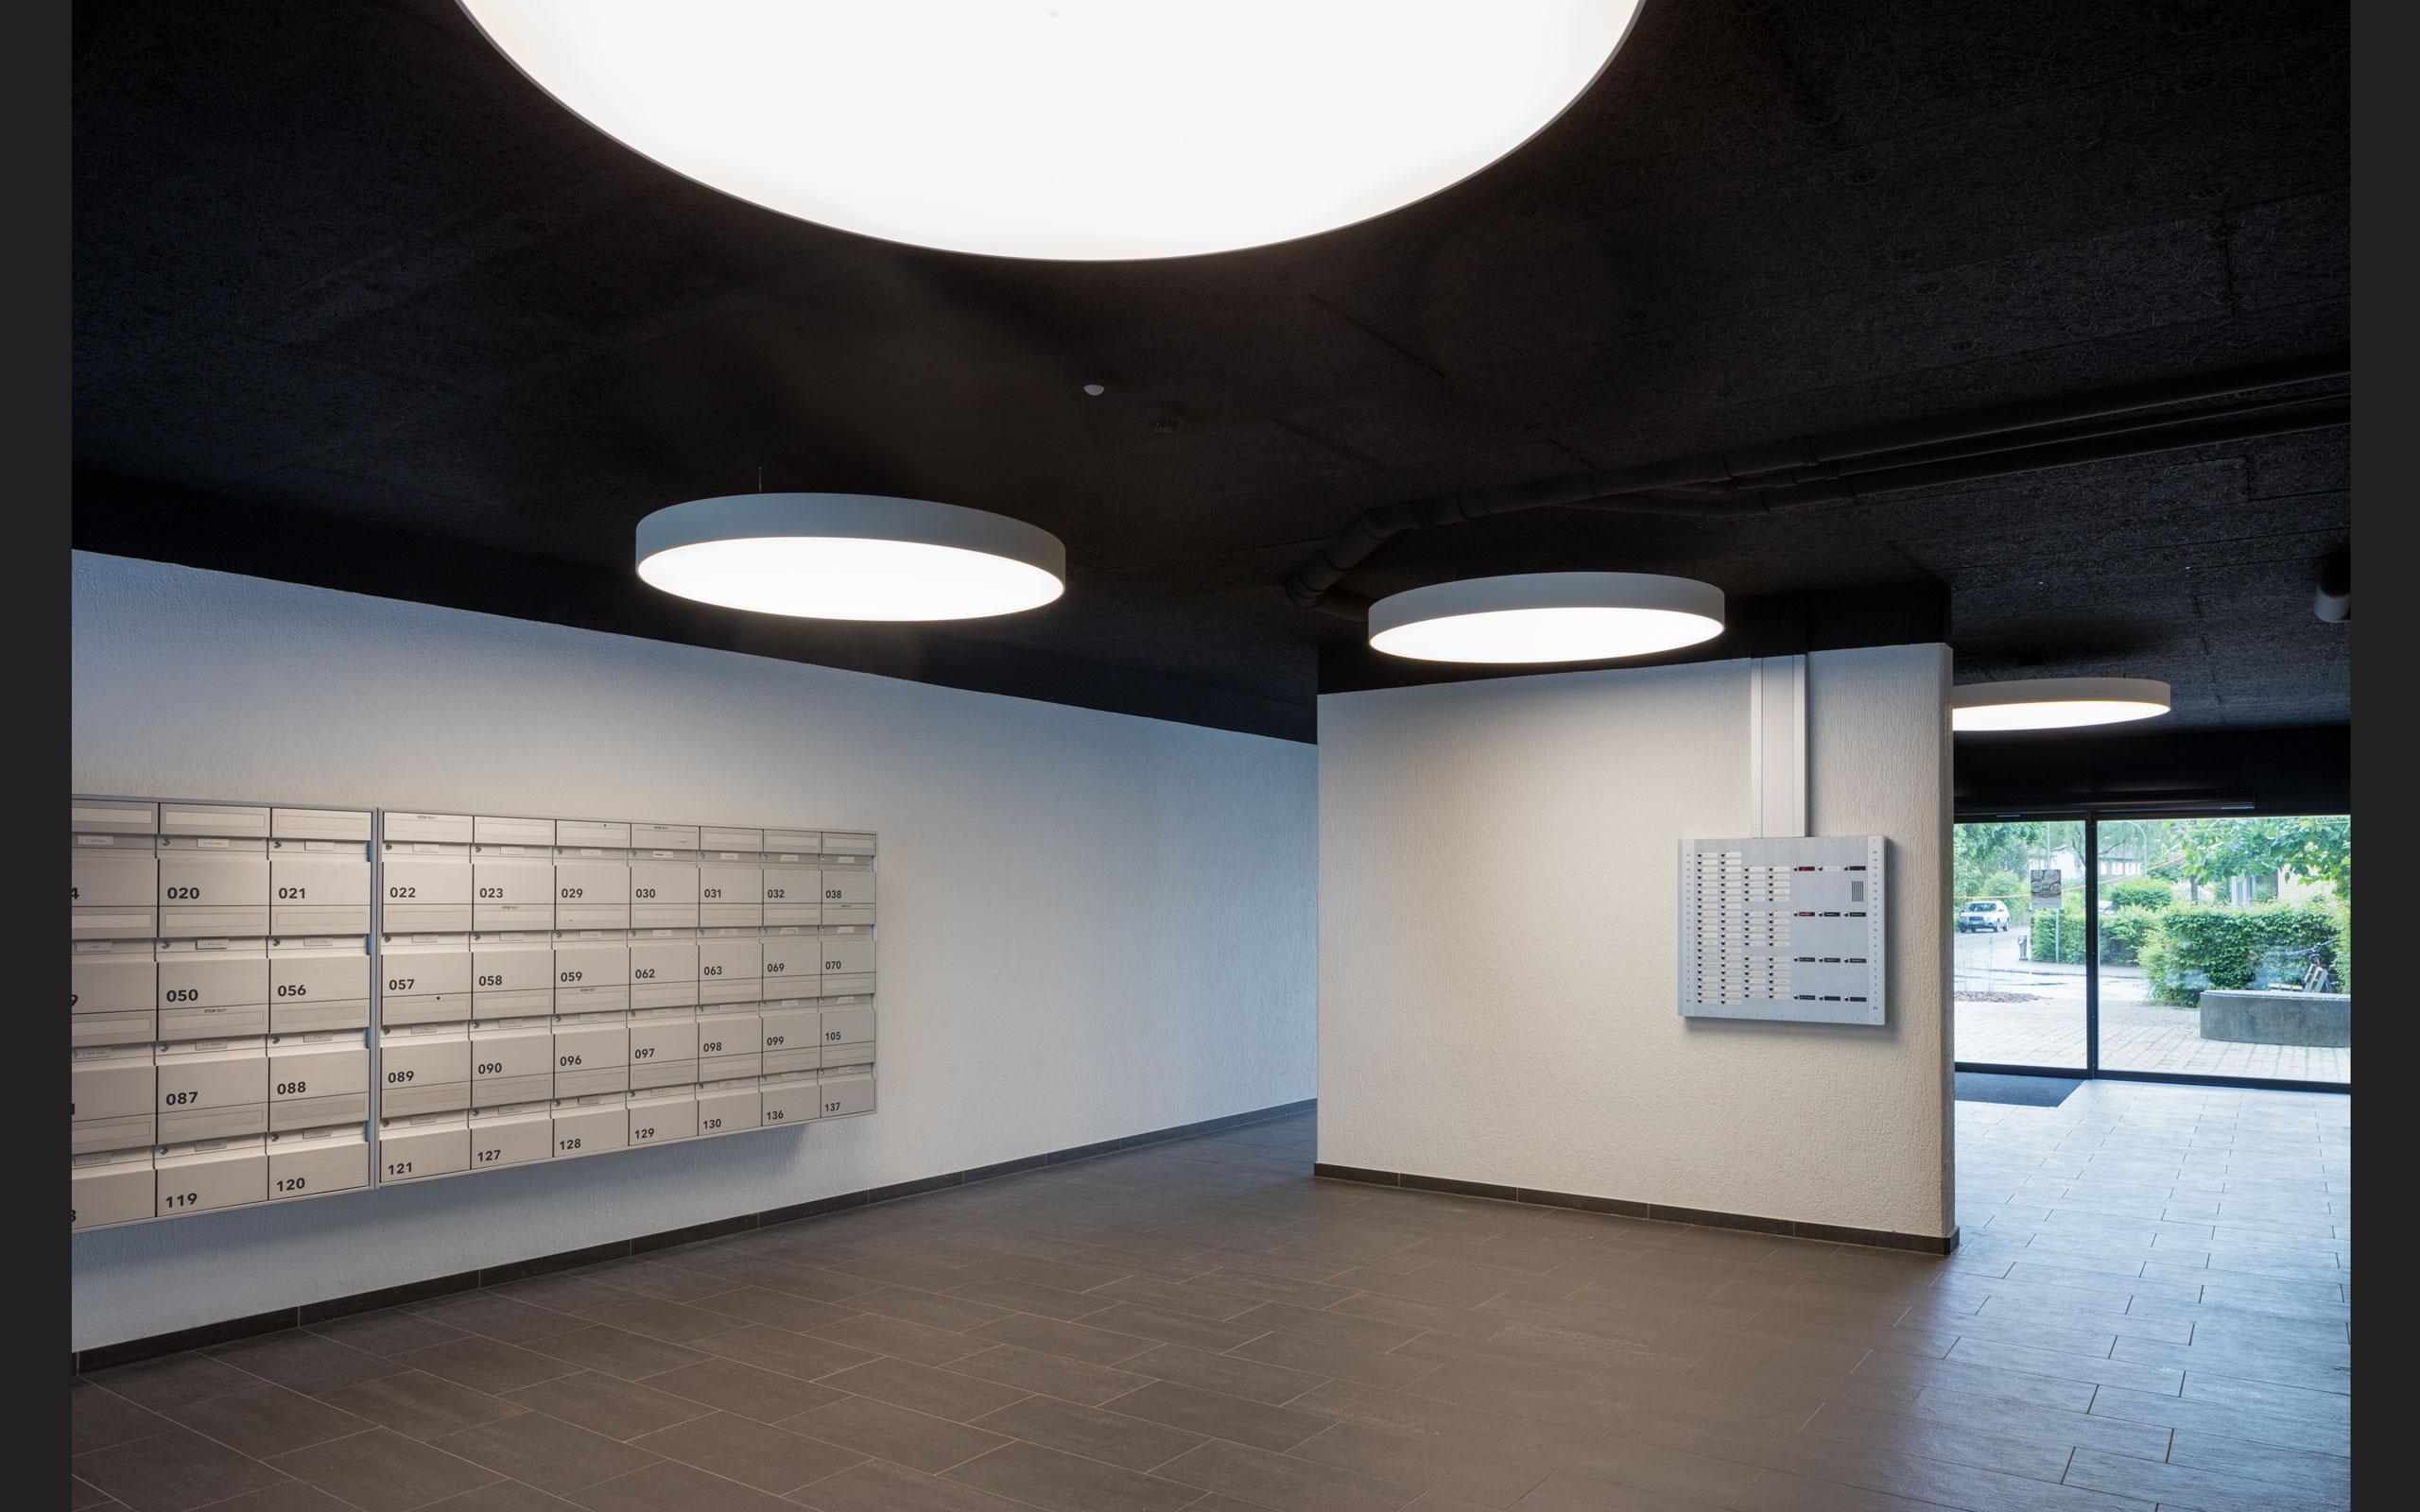 Architekten sgparch.ch, Gesamtsanierung Melchiorstrasse, Bern